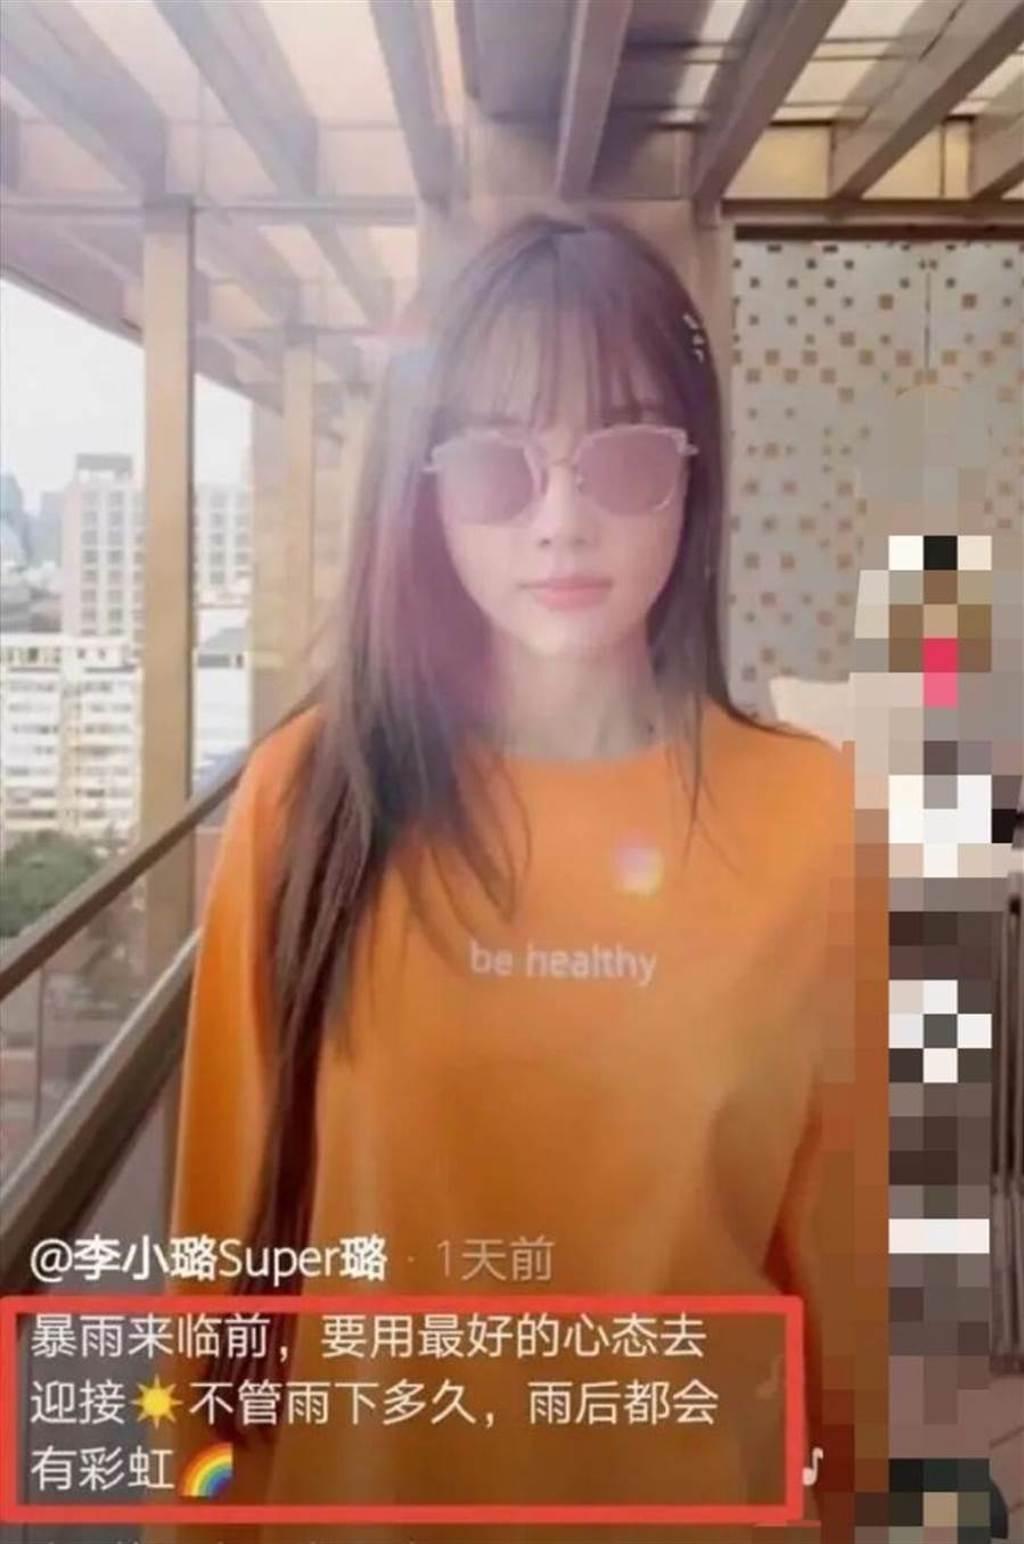 李小璐近日PO文為自己打氣。(取自微博)